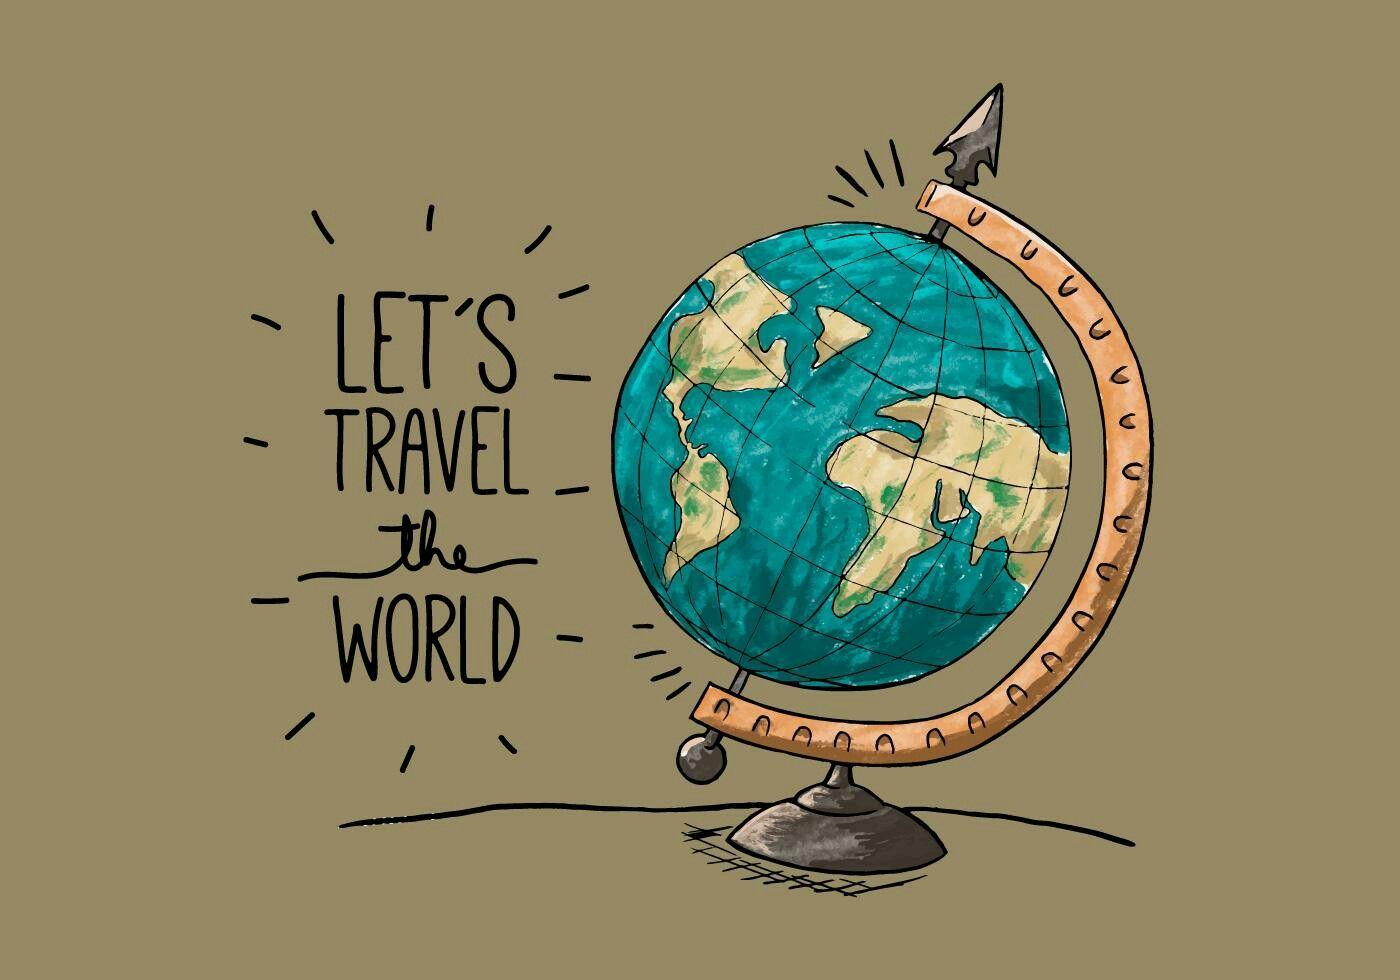 Globo Terraqueo Globo Terraqueo Dibujo Dibujos De Globos Citas De Viajes